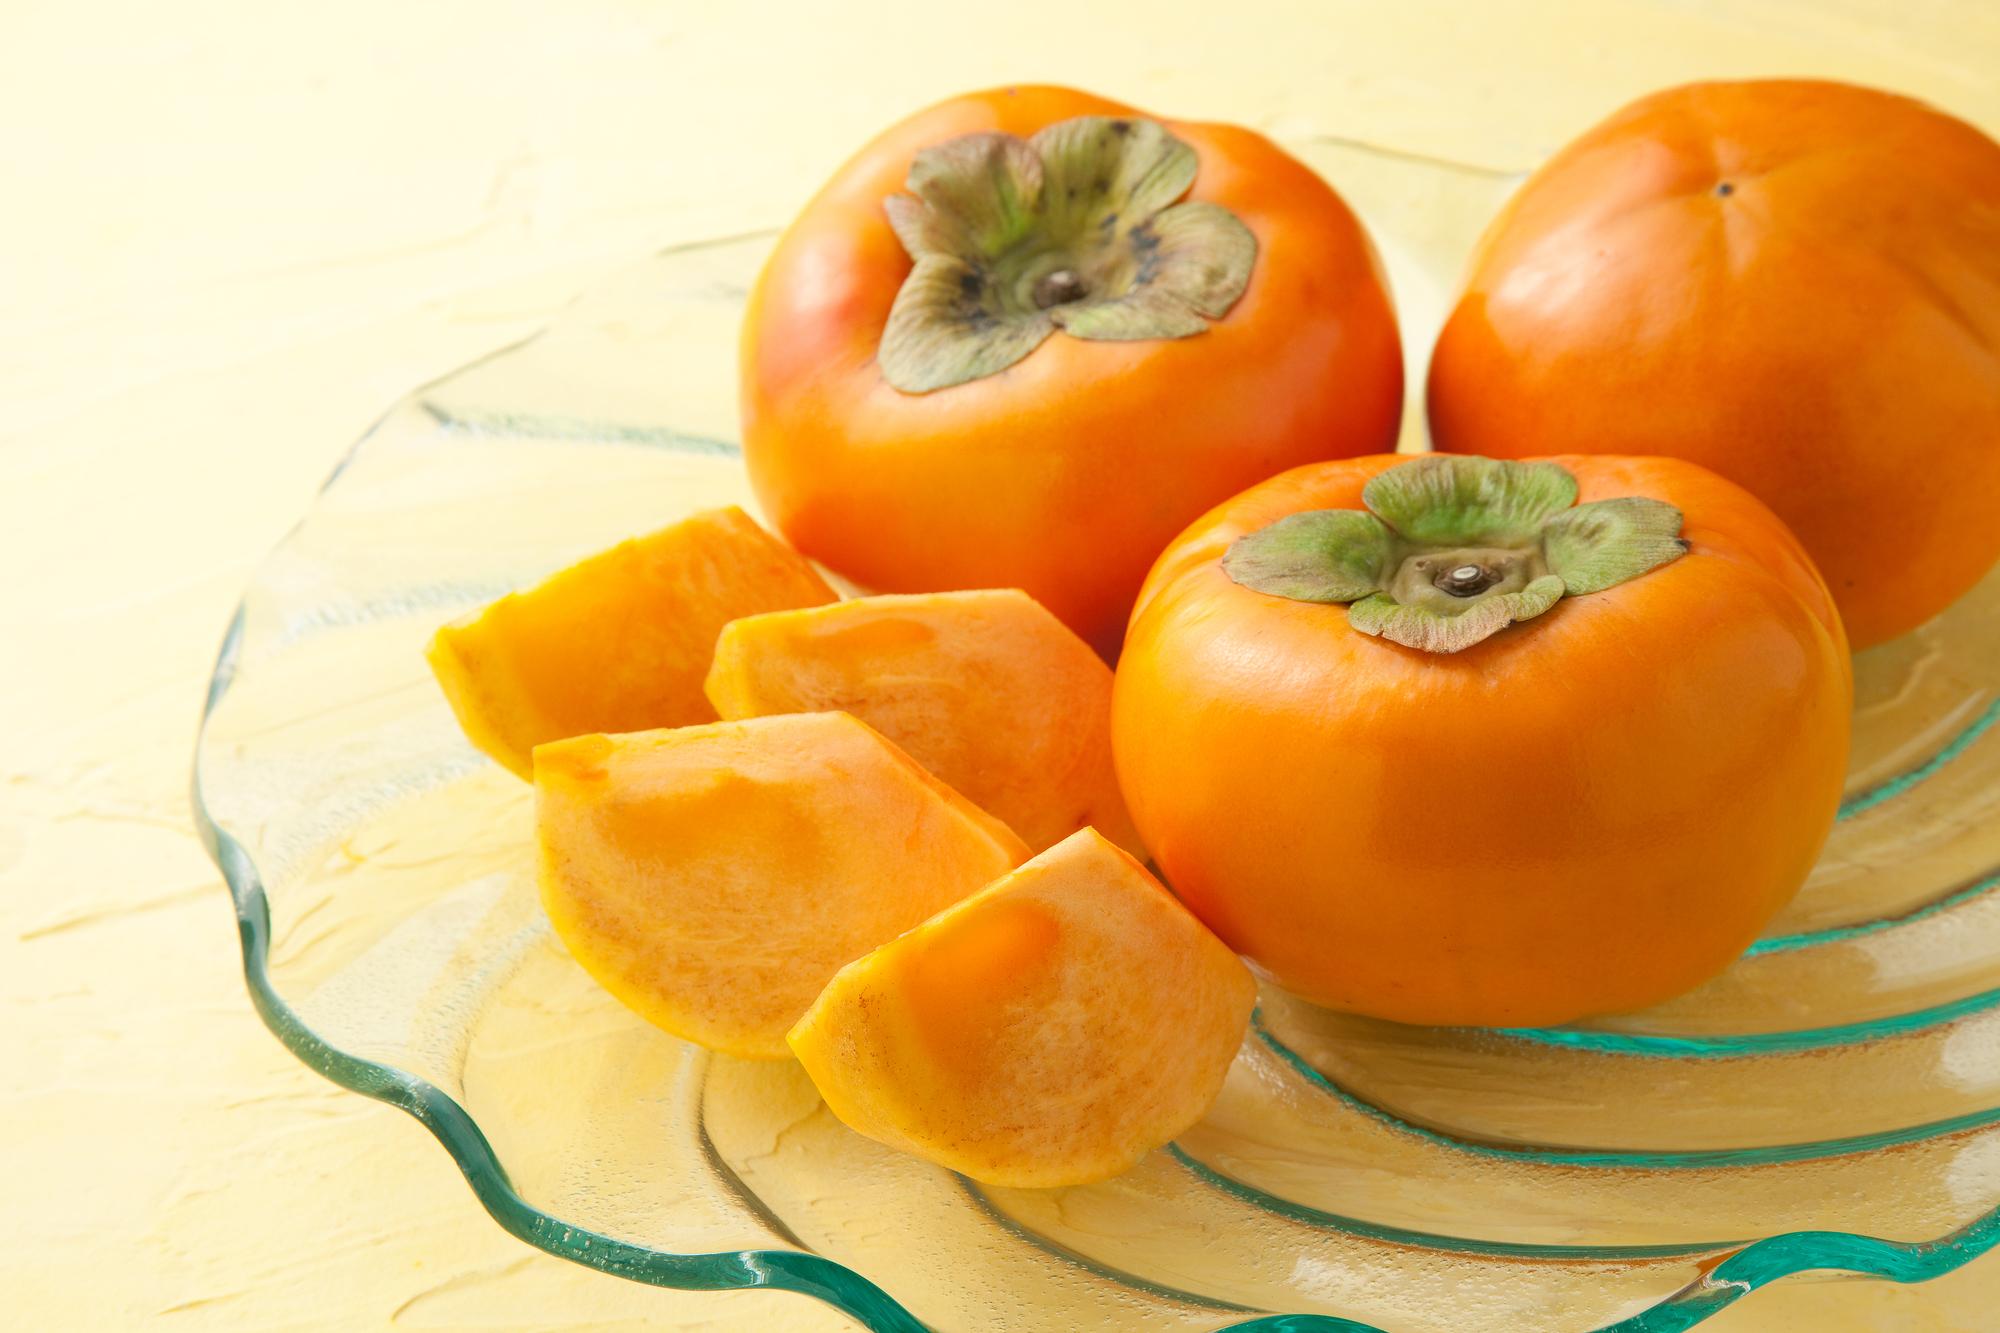 柿は「最強のフルーツ」だった! 風邪対策にも美容にも良い